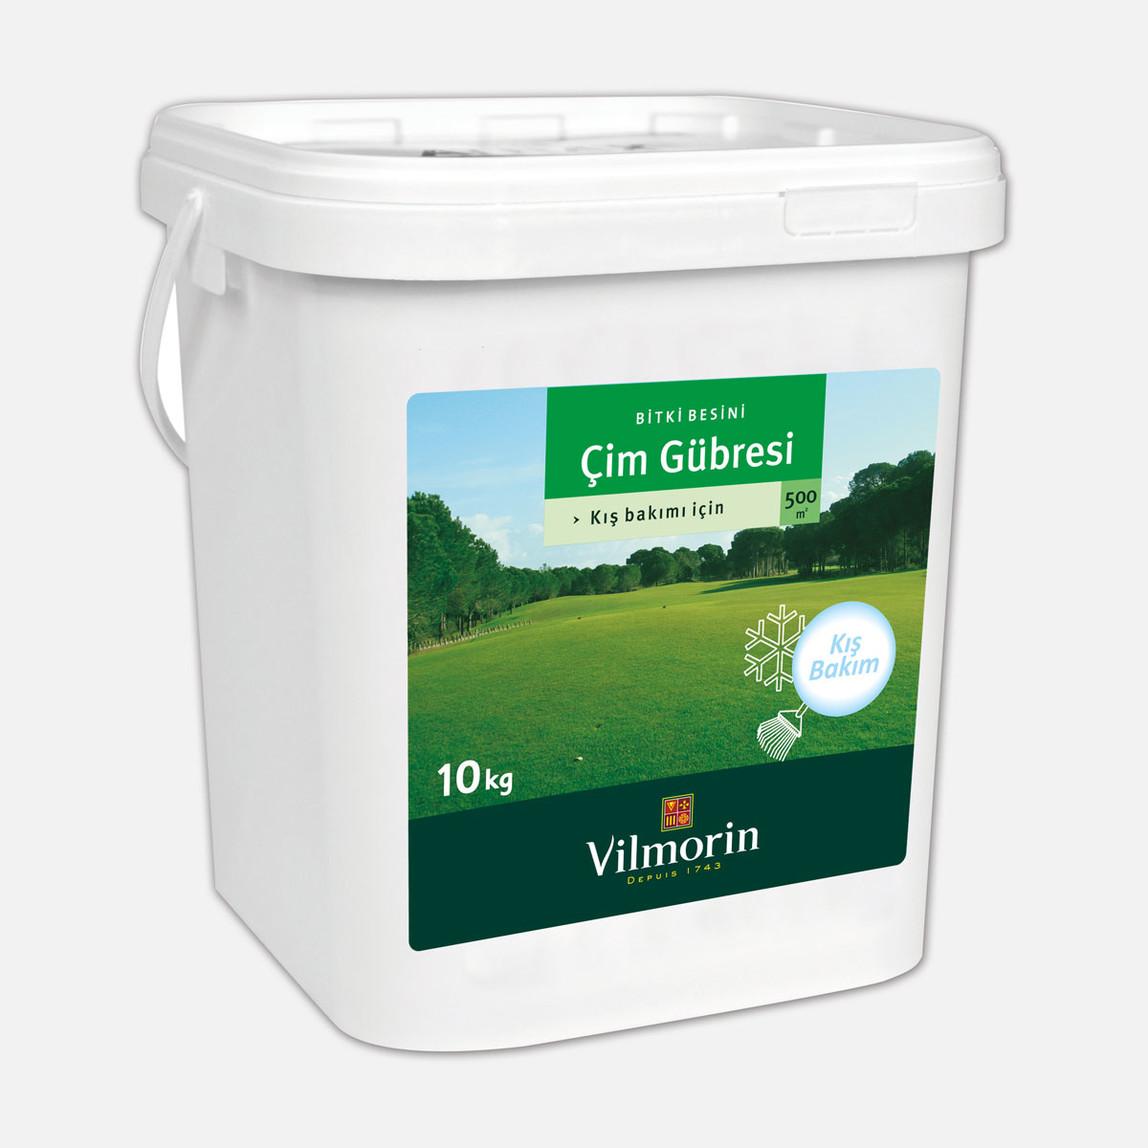 Vilmorin Çim Gübresi Kış Bakım 10 kg